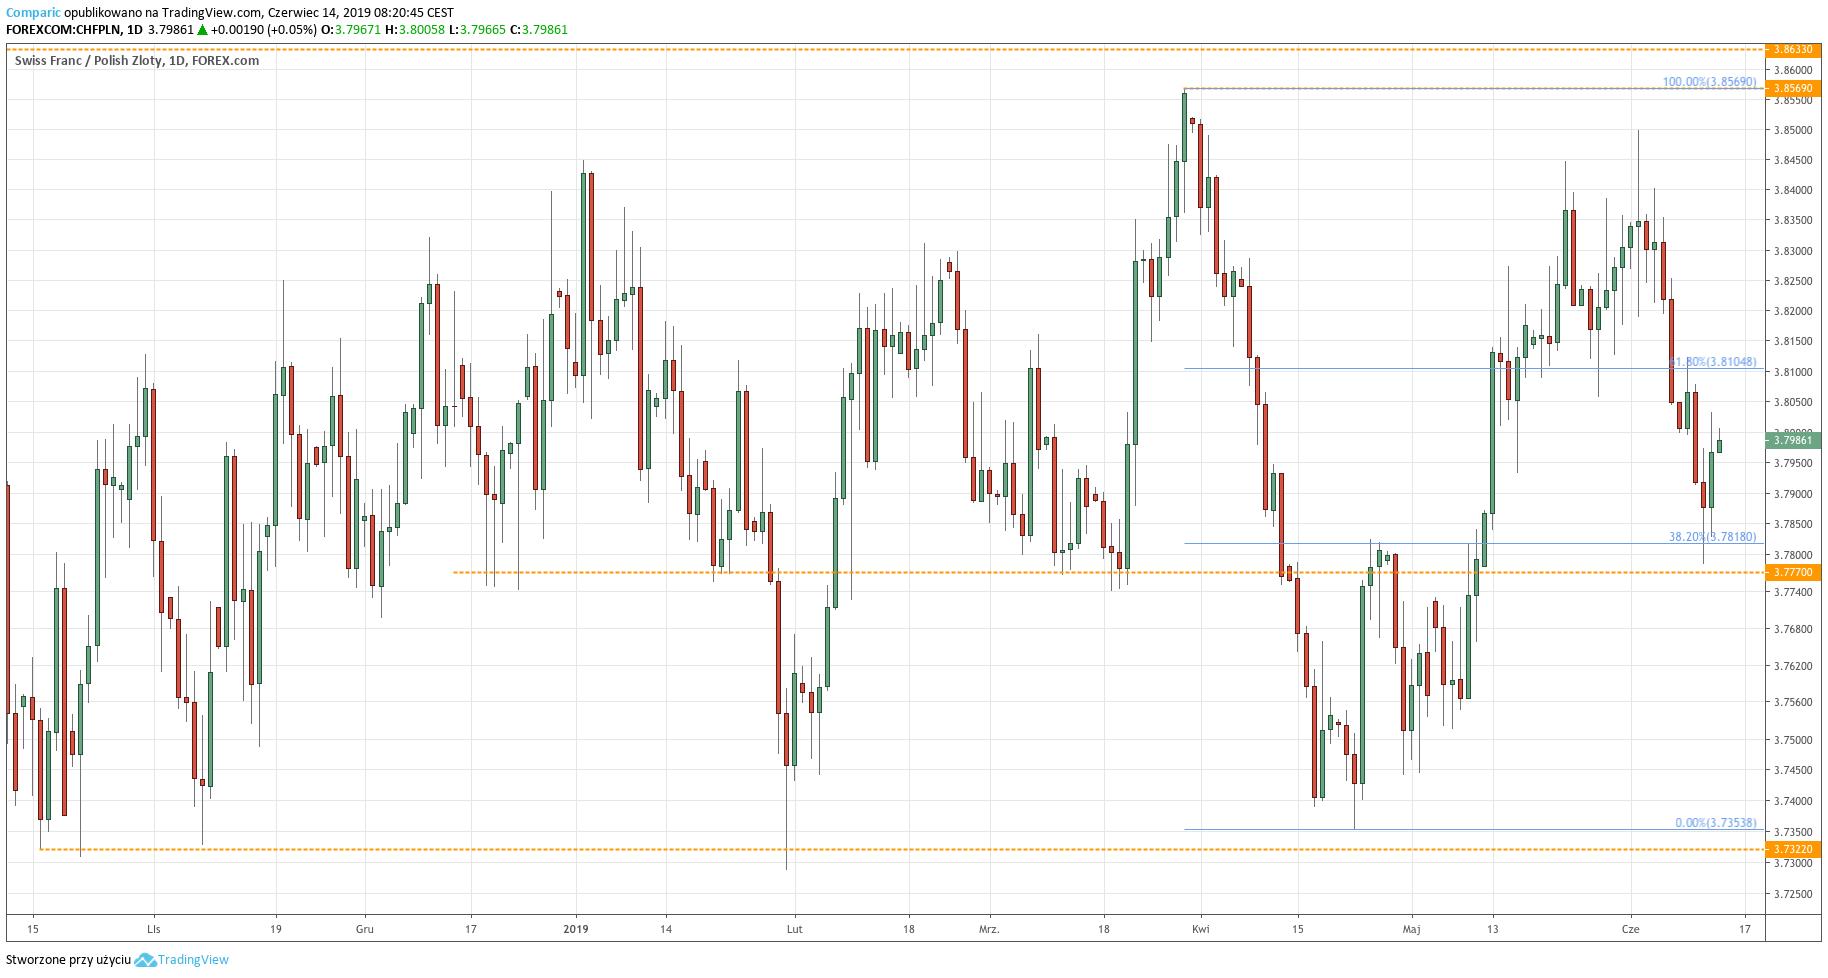 Kurs franka do złotego (CHF/PLN) - wykres dzienny - 14 czerwca 2019